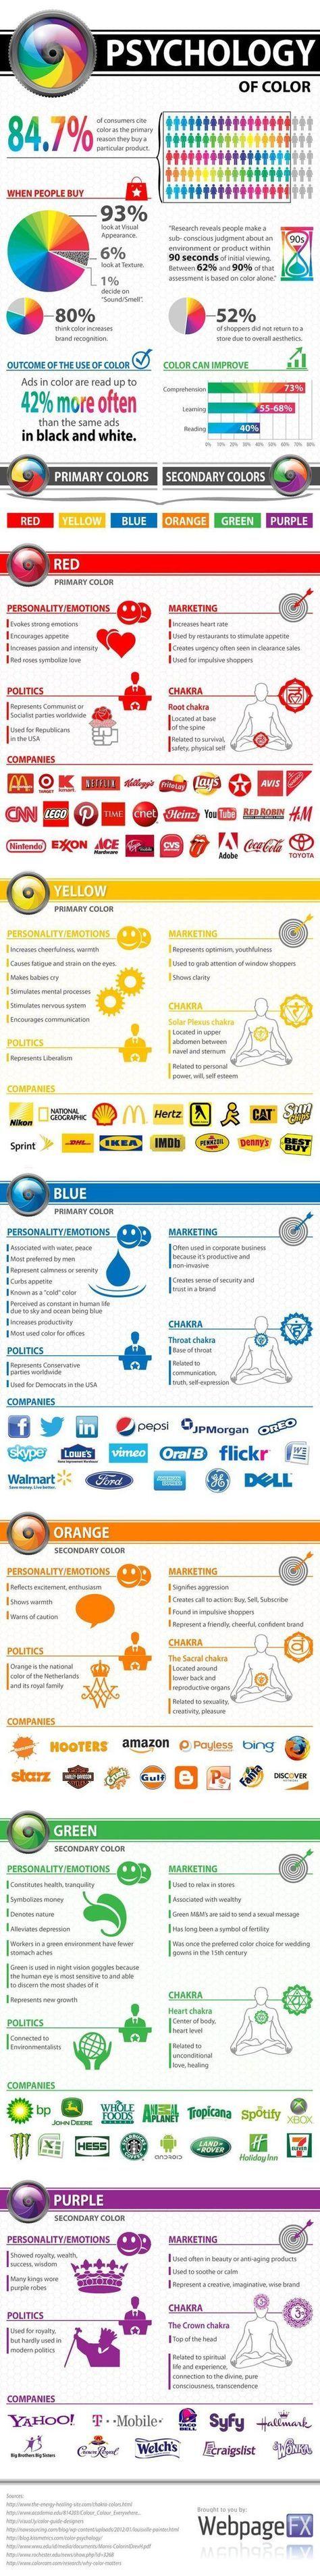 Psychology of color. How color could effect your online platform. #InboundMarketing